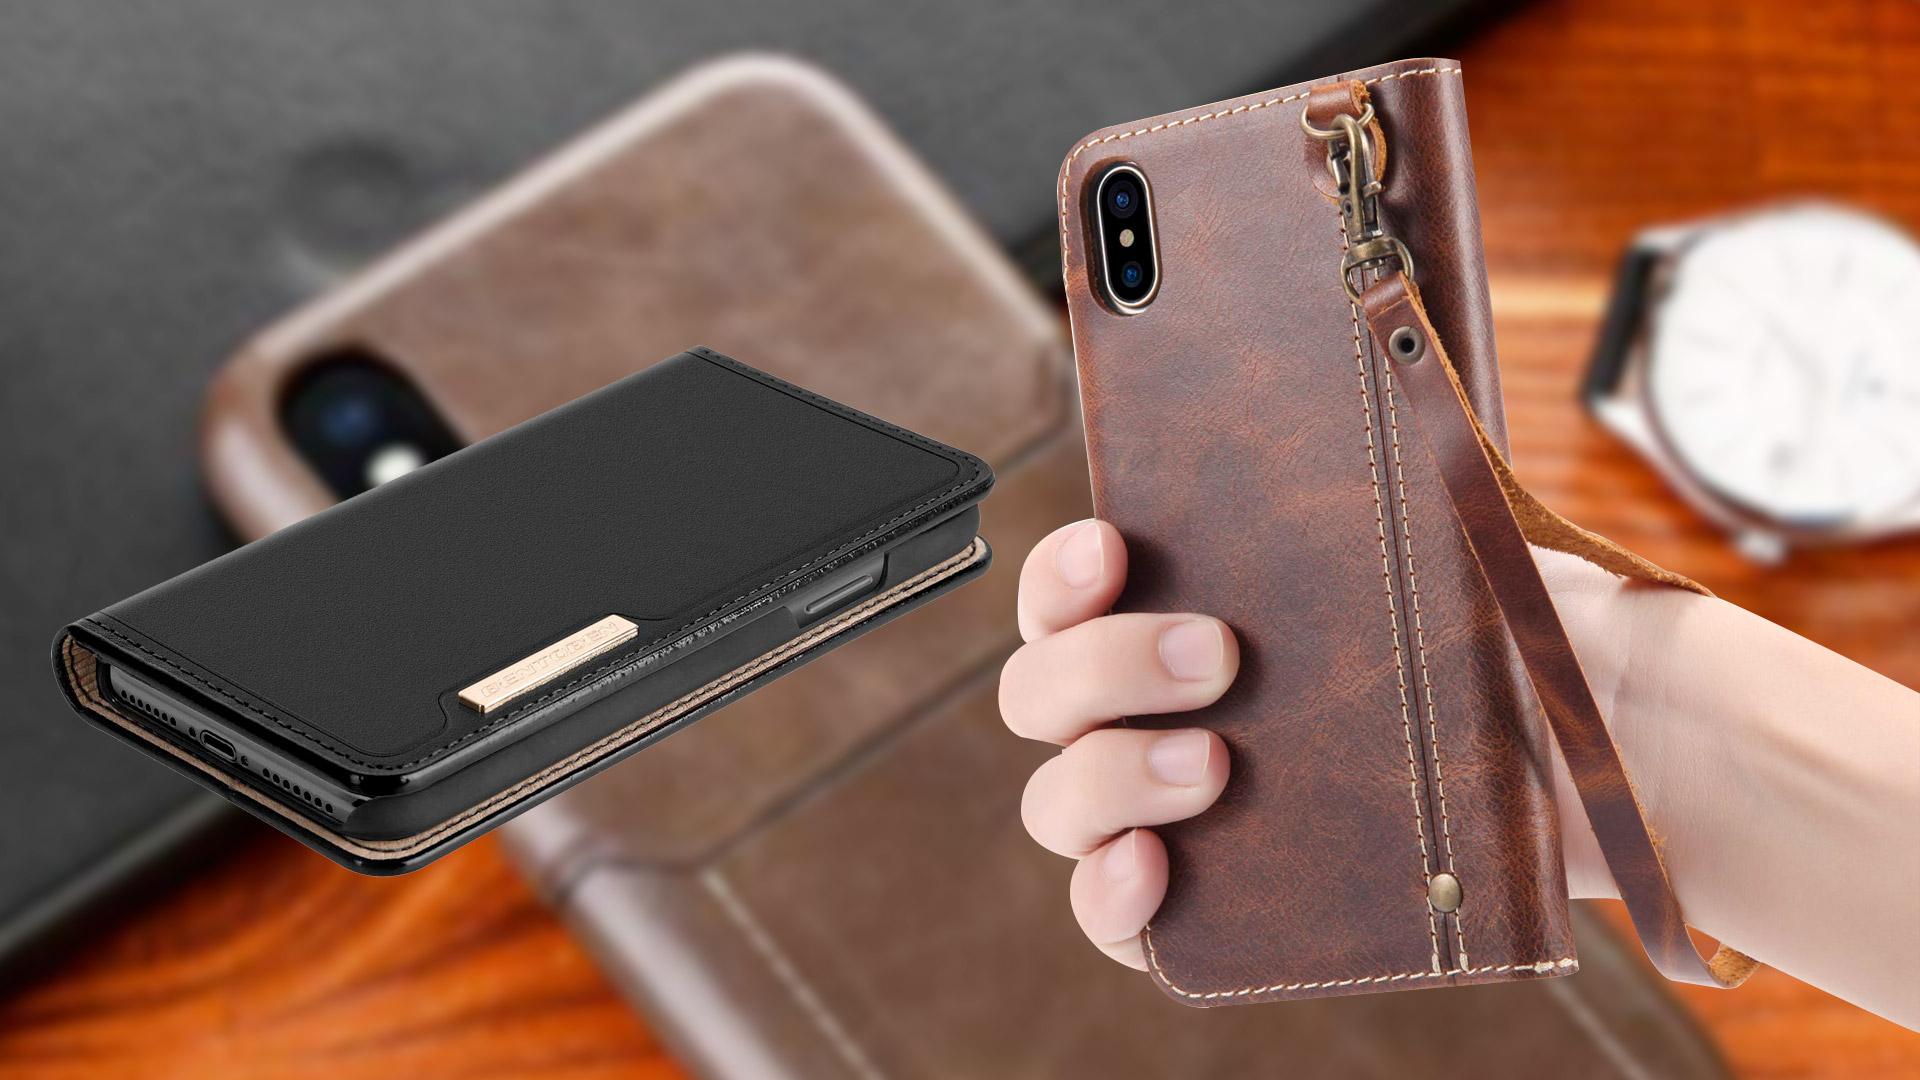 Las mejores fundas de cuero para iPhone Xs Max en 2019: diseño de aspecto profesional con rica textura de cuero